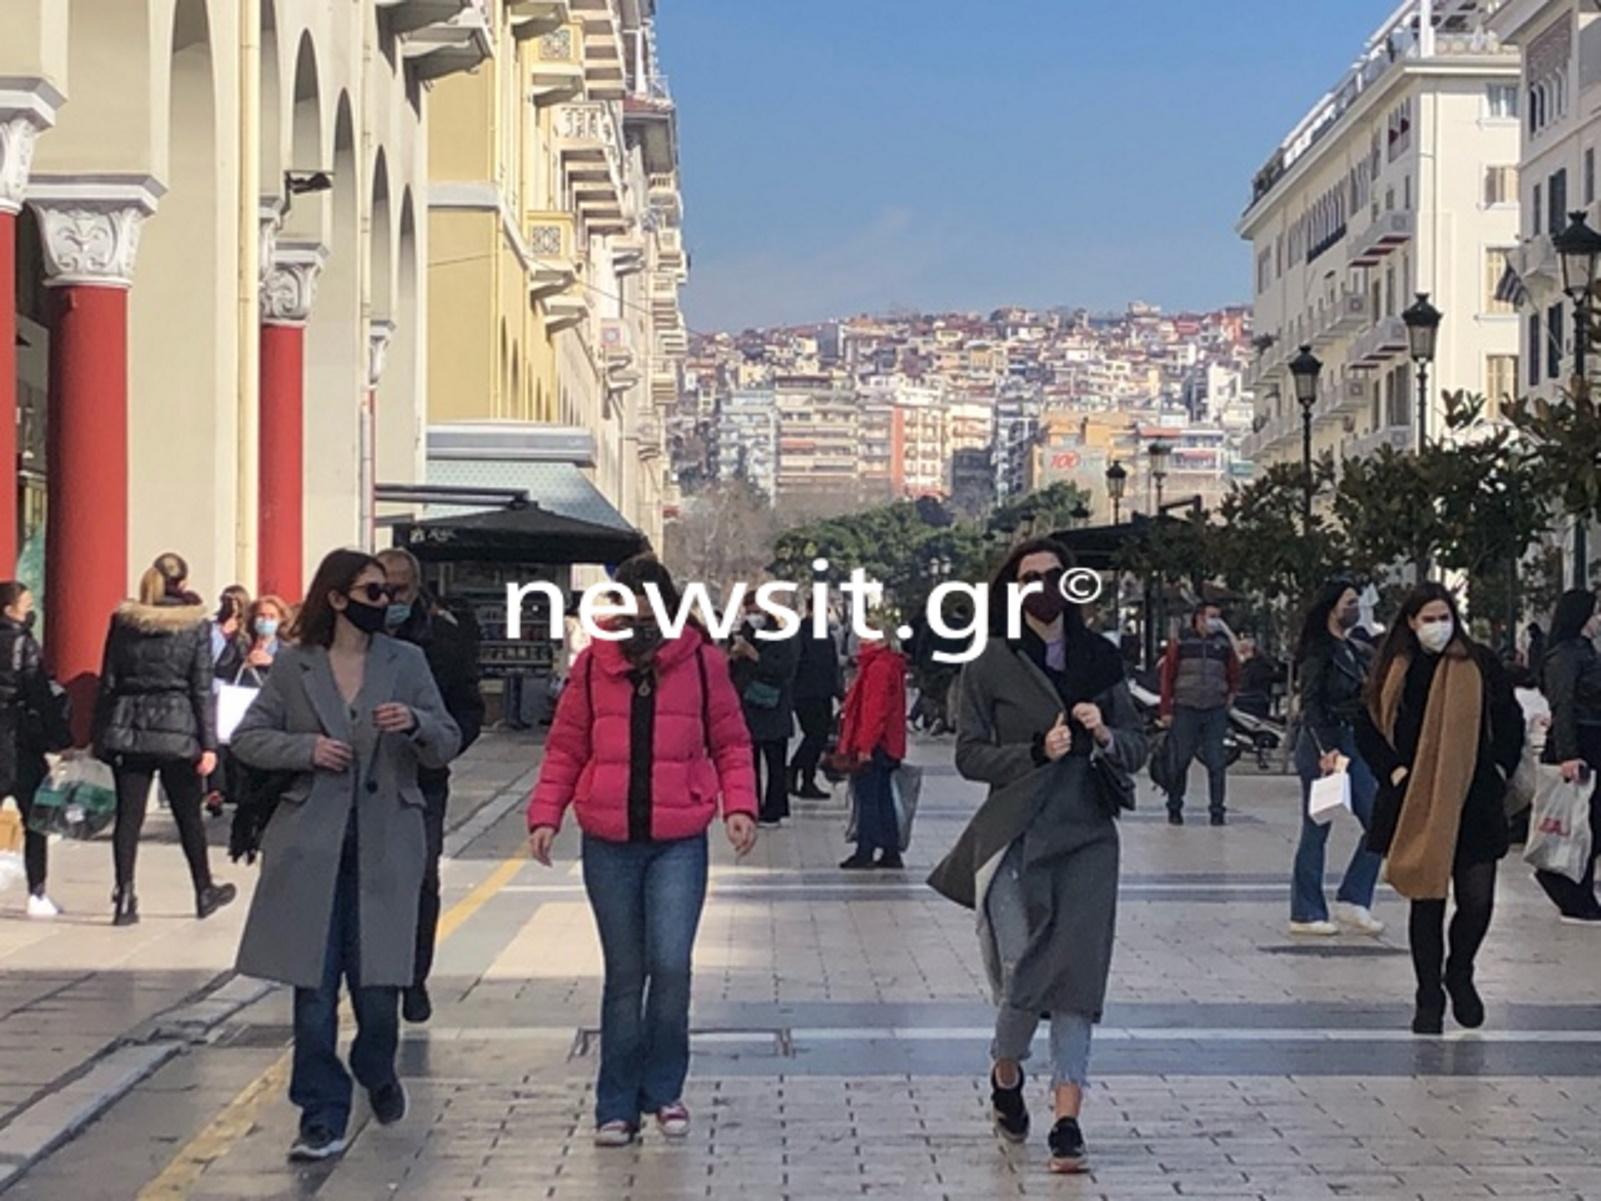 Θεσσαλονίκη: Κοσμοπλημμύρα σαν να μην υπάρχει αύριο – Ούτε «Black Friday» να ήταν (pics)